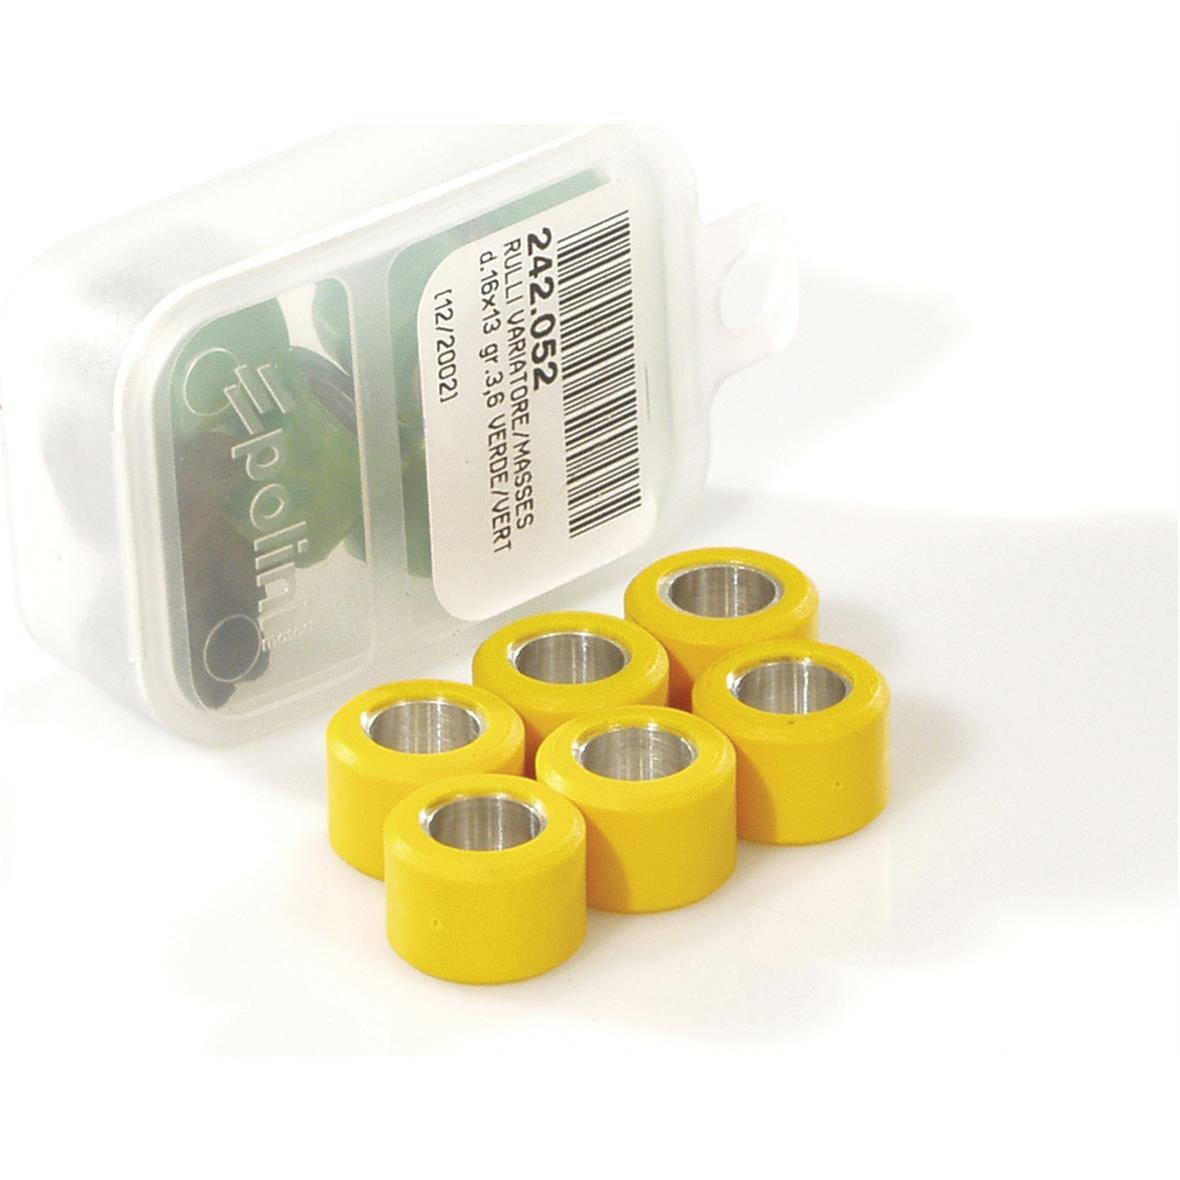 「バリエーター ロール POLINI 15x12 mm 9,2 (グラム)Title」の製品画像